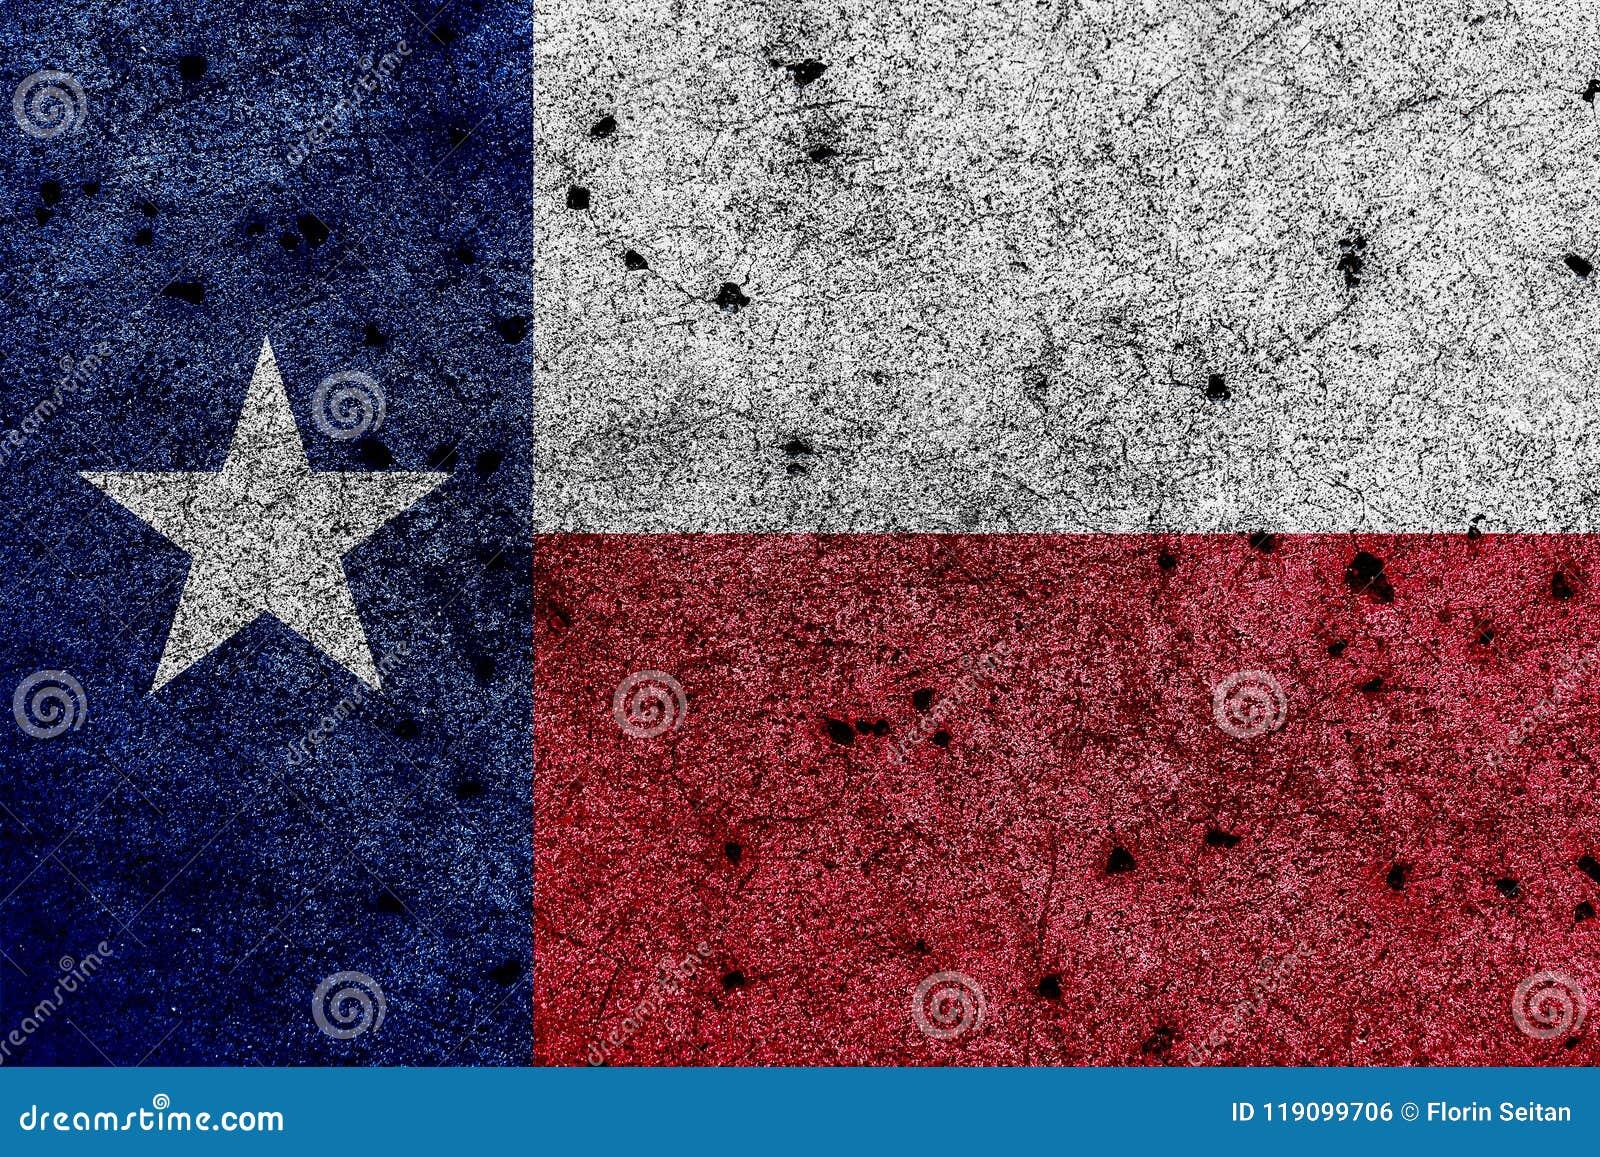 Σημαία του Τέξας/απομονωμένη σημαία αστεριών με τις σωστές γεωμετρικές αναλογίες